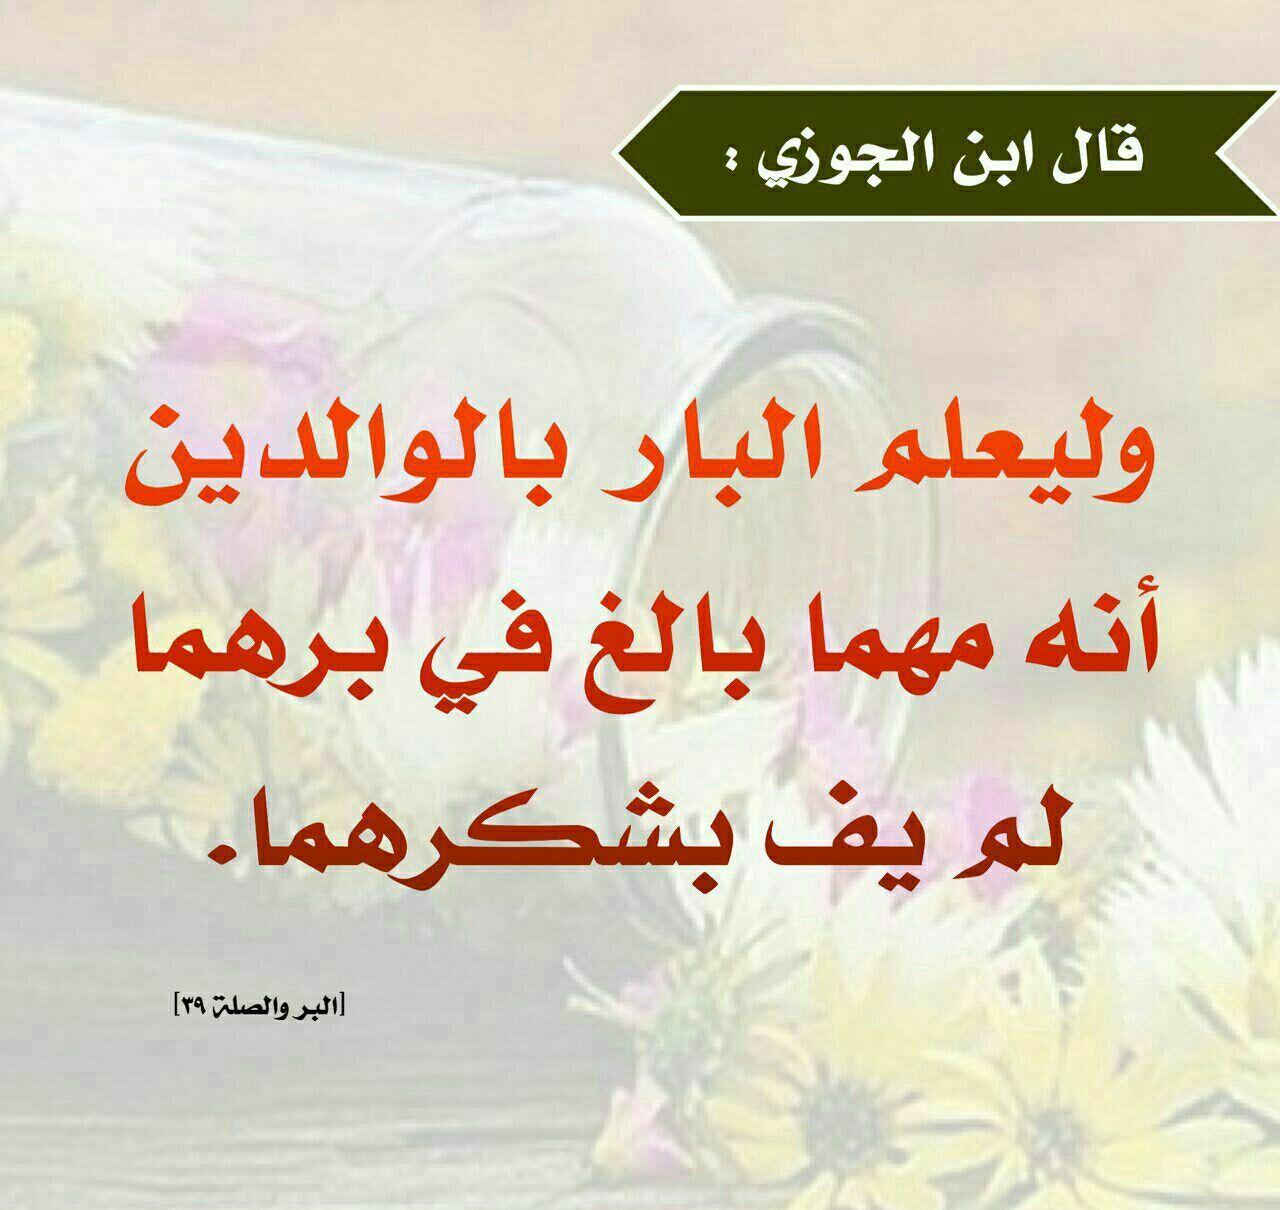 Pin By زهرة الياسمين On الوالدين